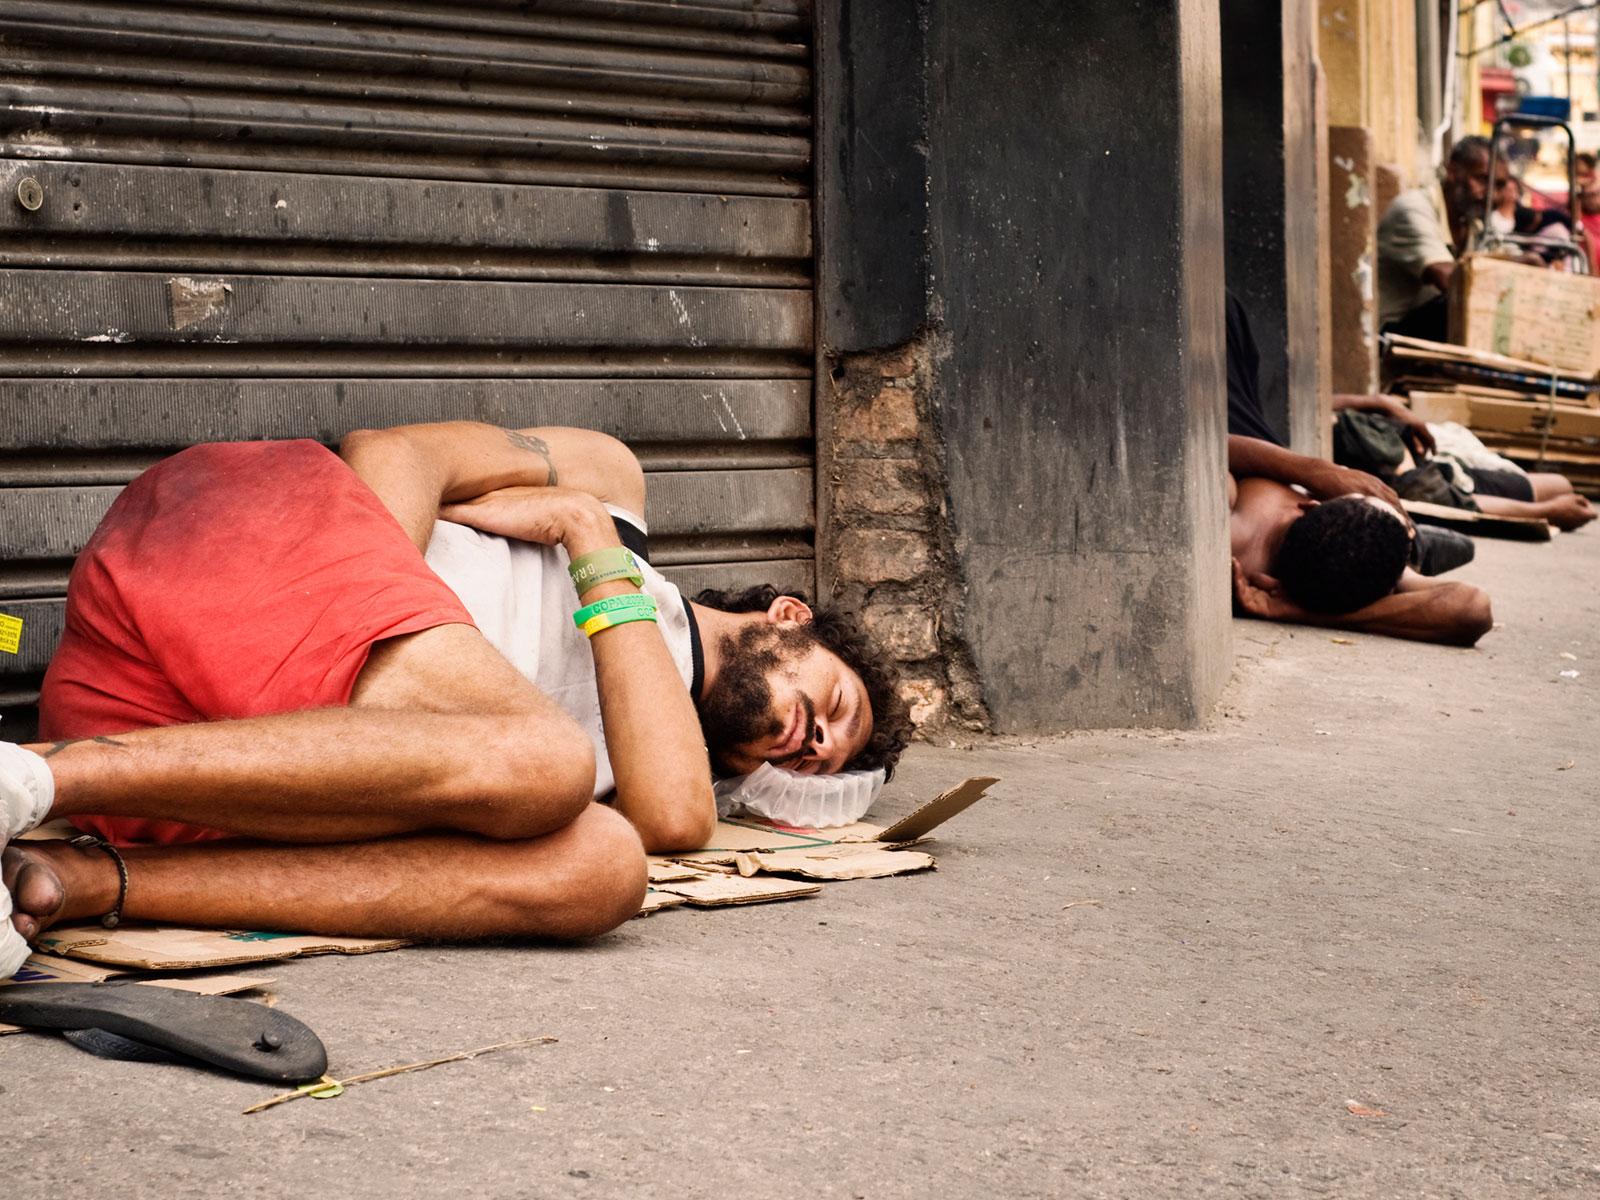 Coronavírus no Brasil: voz do pobre, coro e lucidez